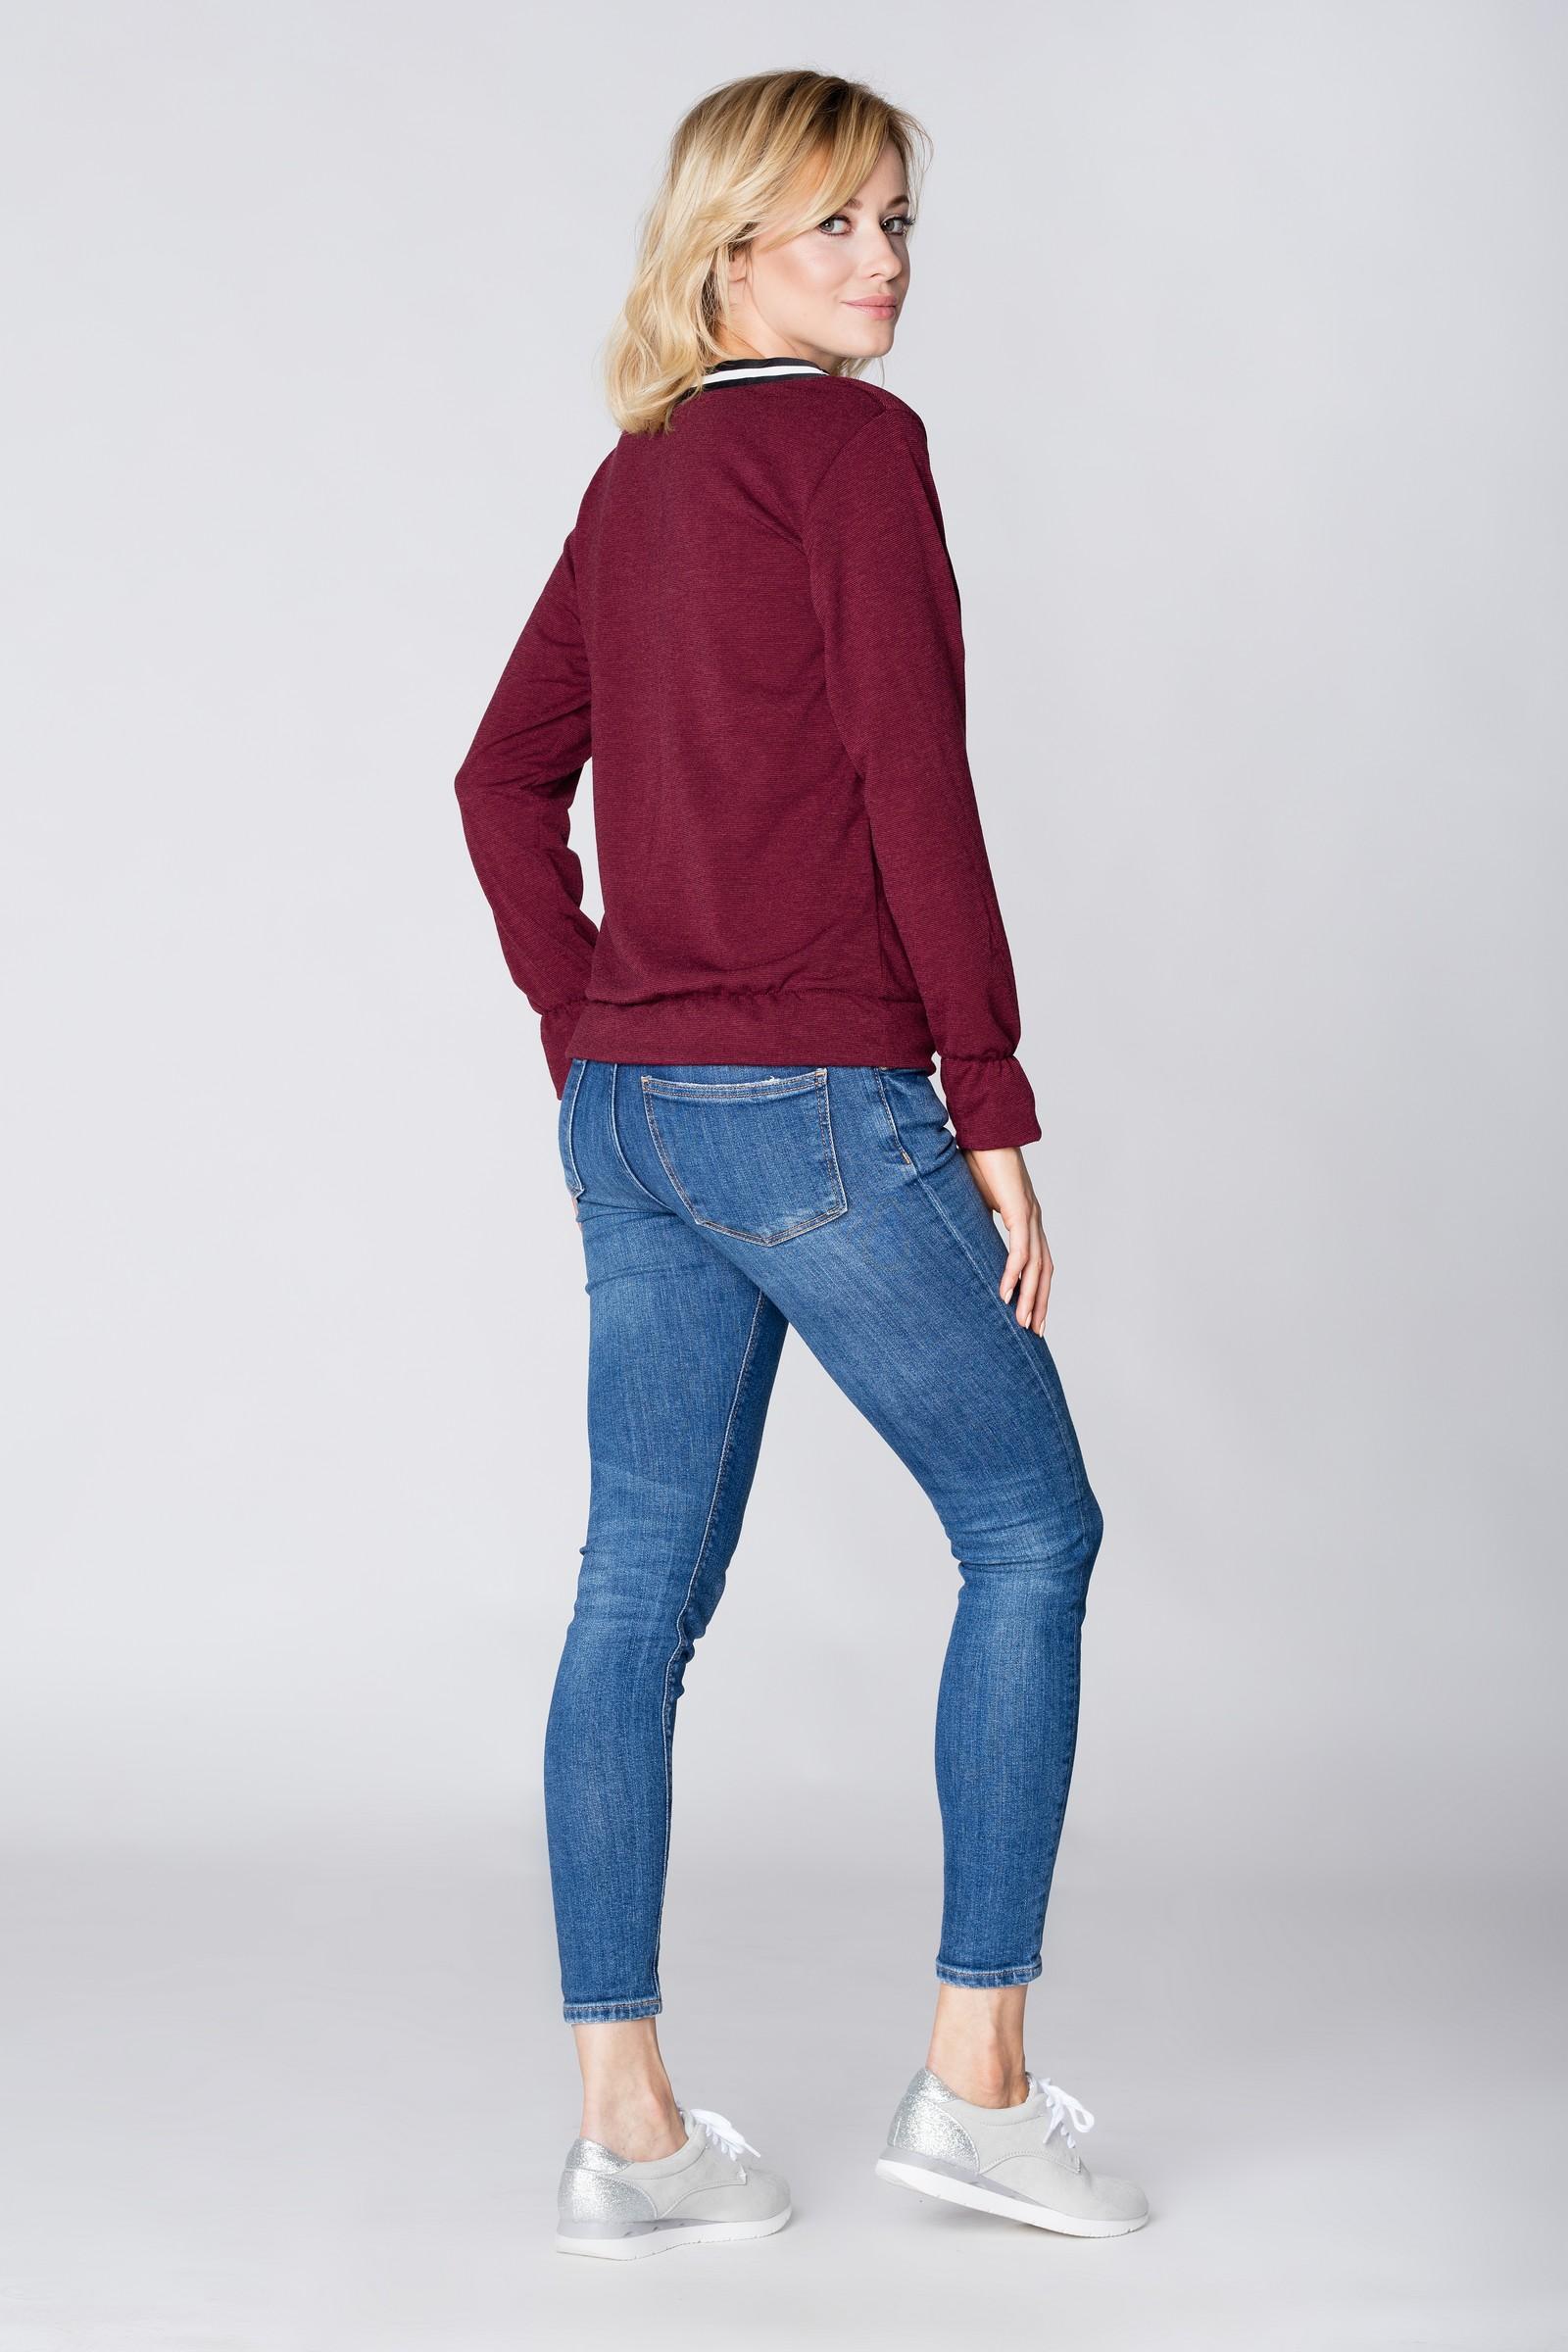 CM3896 Sweter z ozdobną taśmą przy dekolcie - bordowy